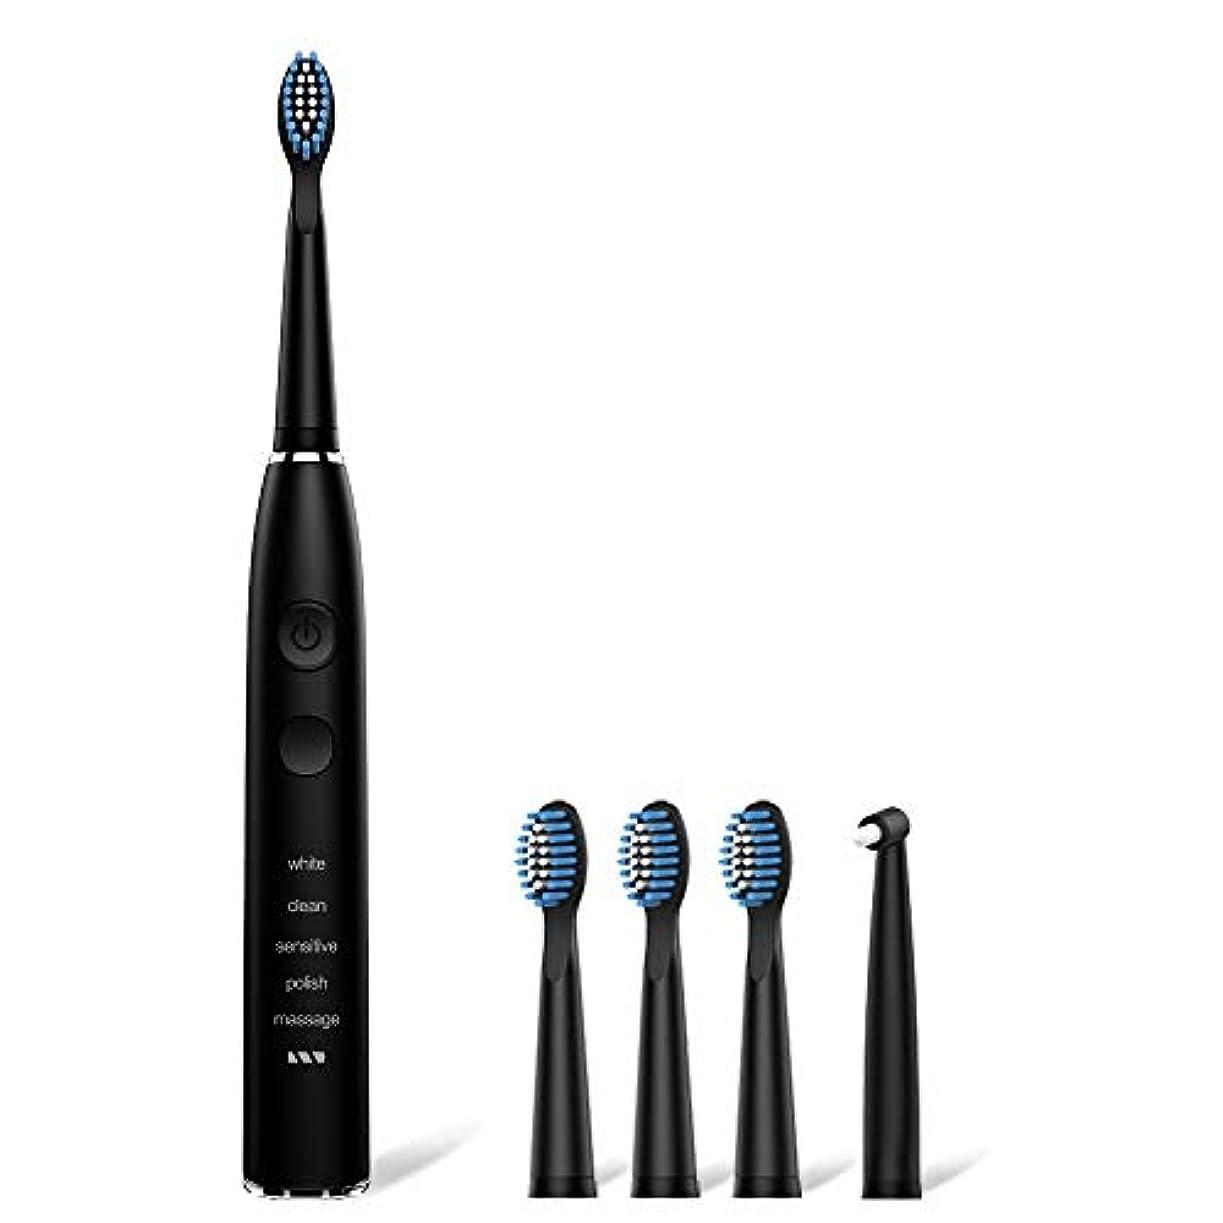 孤児異形正確な電動歯ブラシ 歯ブラシ seago 音波歯ブラシ USB充電式8時間 365日に使用 IPX7防水 五つモードと2分オートタイマー機能搭載 替えブラシ5本 12ヶ月メーカー保証 SG-575 (黒)